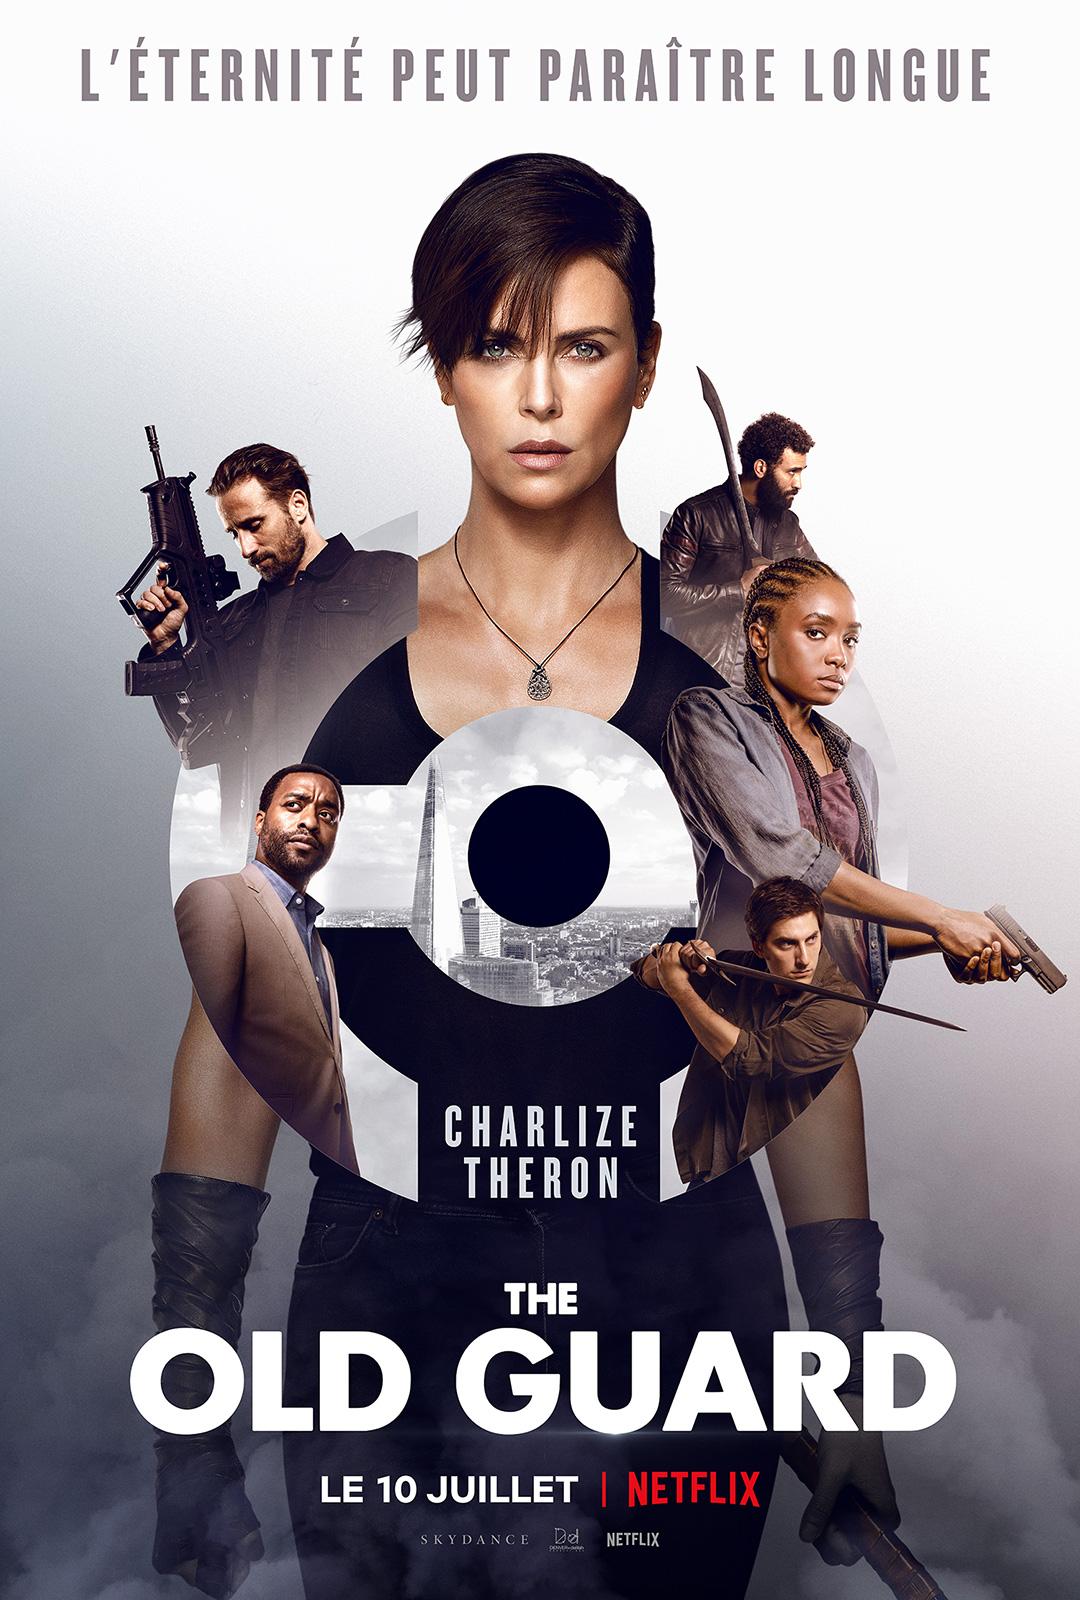 The Old Guard - film 2020 - AlloCiné